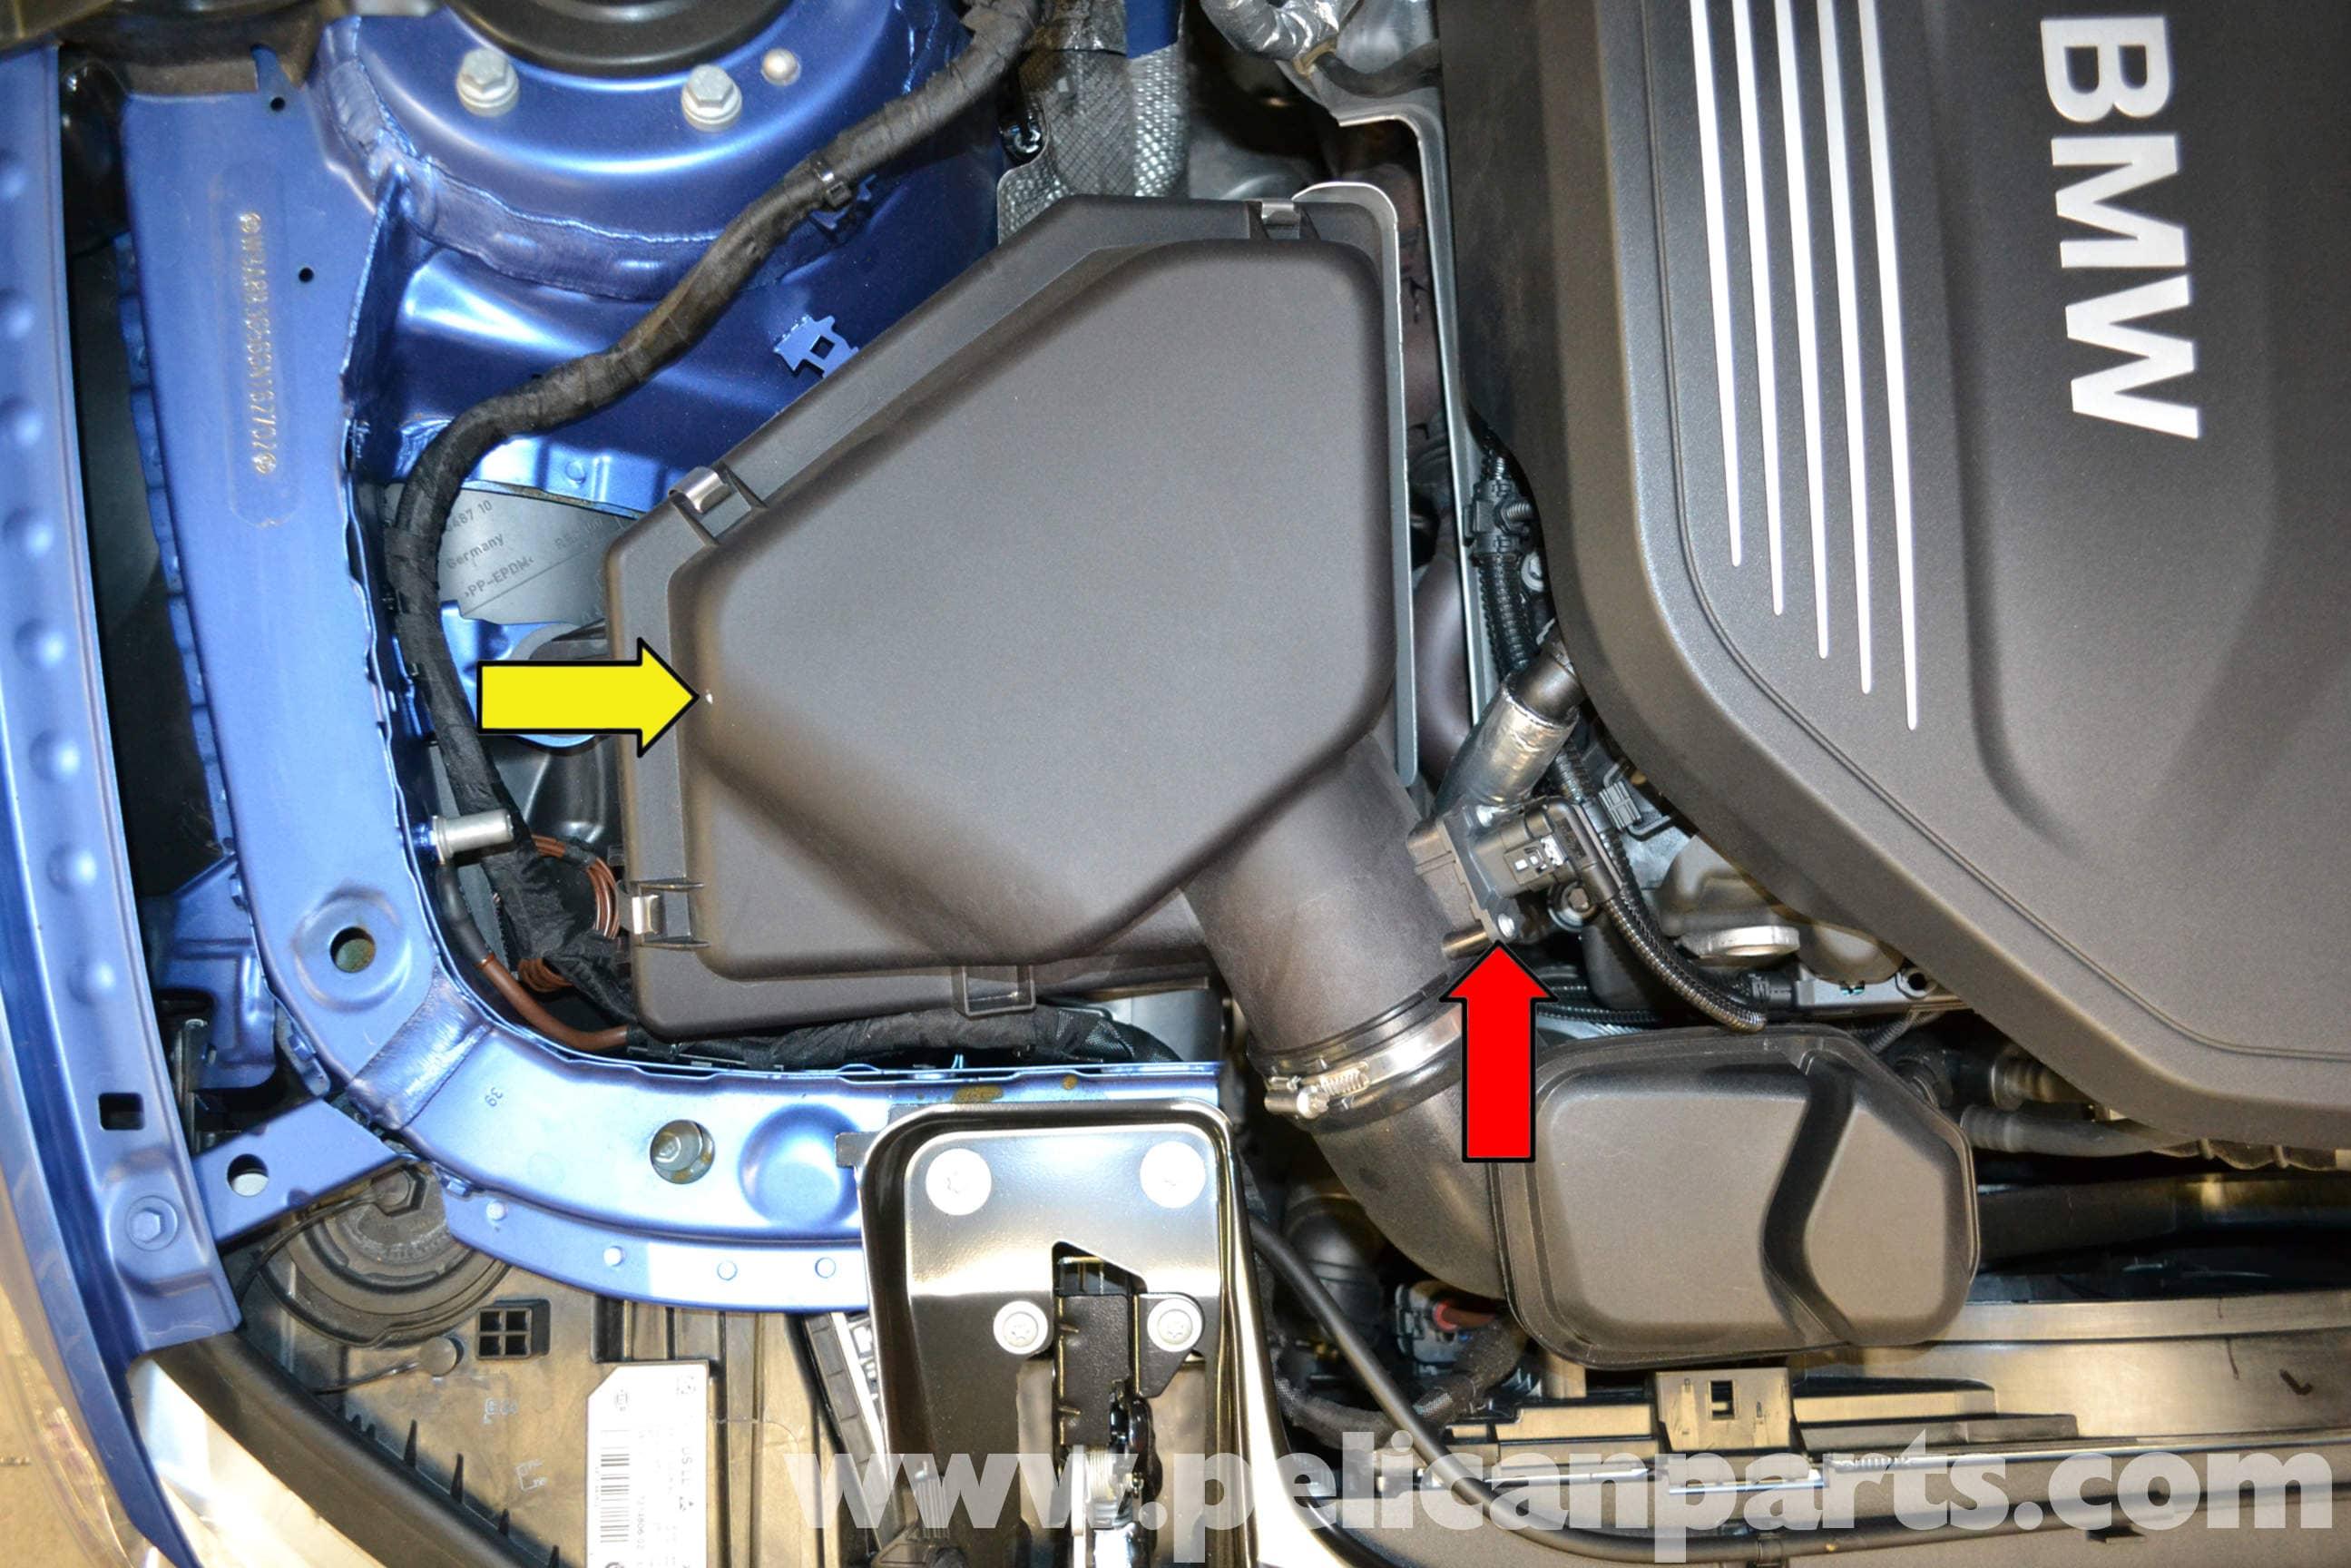 Pelican Parts Technical Article - BMW F30 3-Series - MAF Sensor